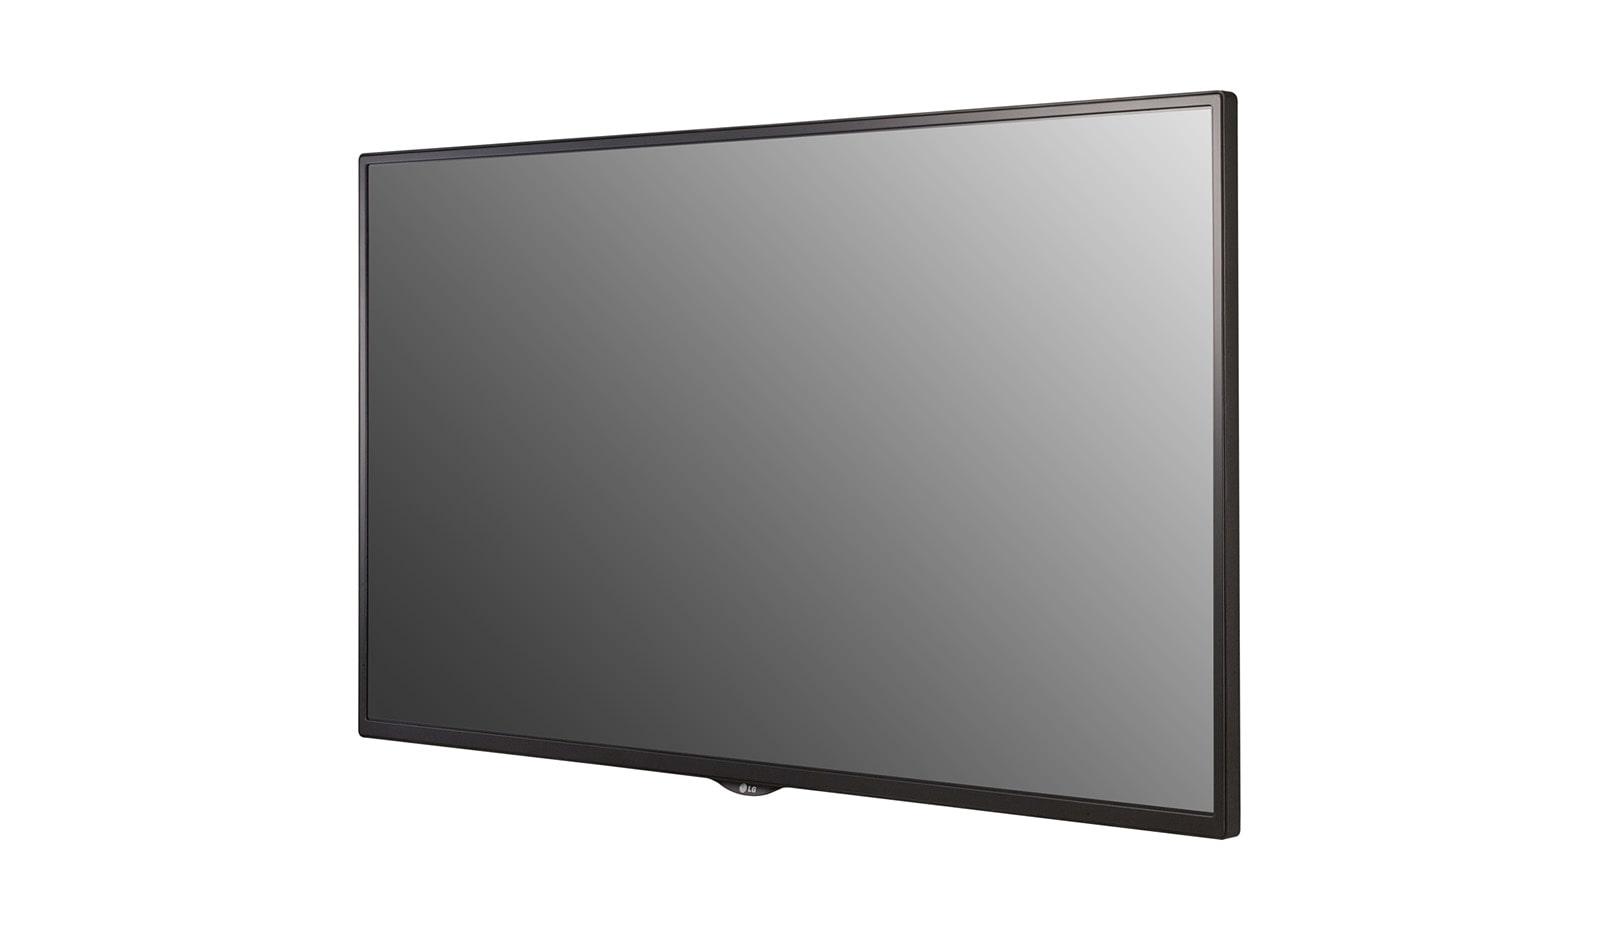 43SE3KB   Standard Essential   Digital Signage   Products   Information  Display   Business   LG Global